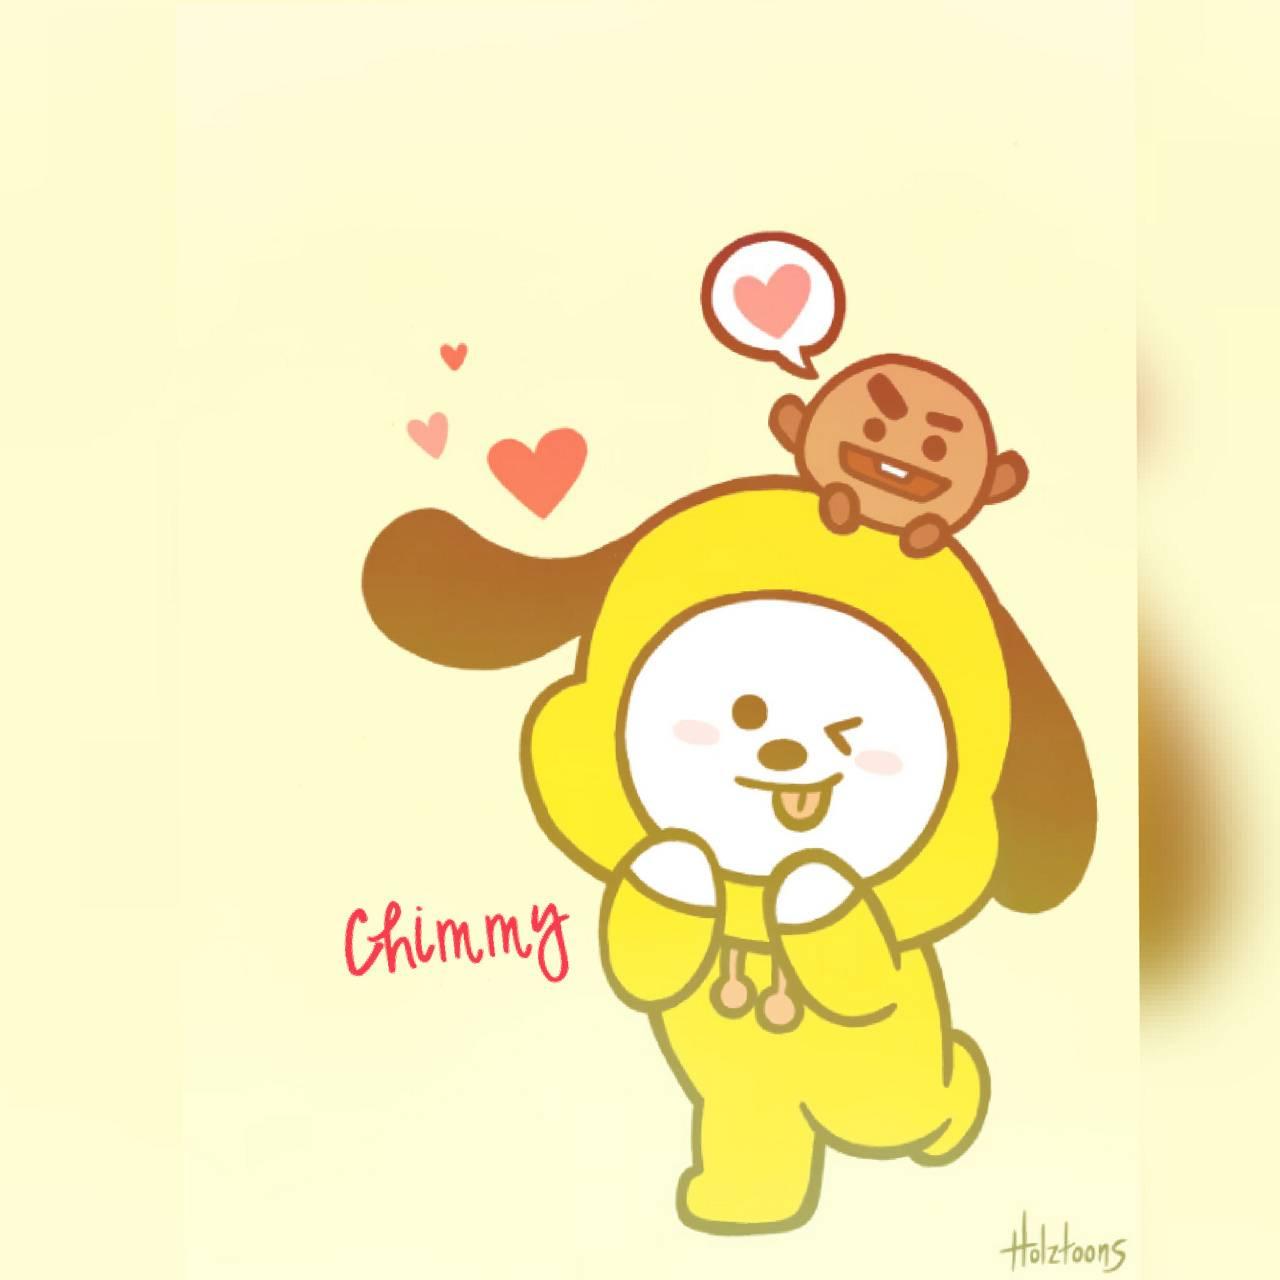 Cute Chimmy